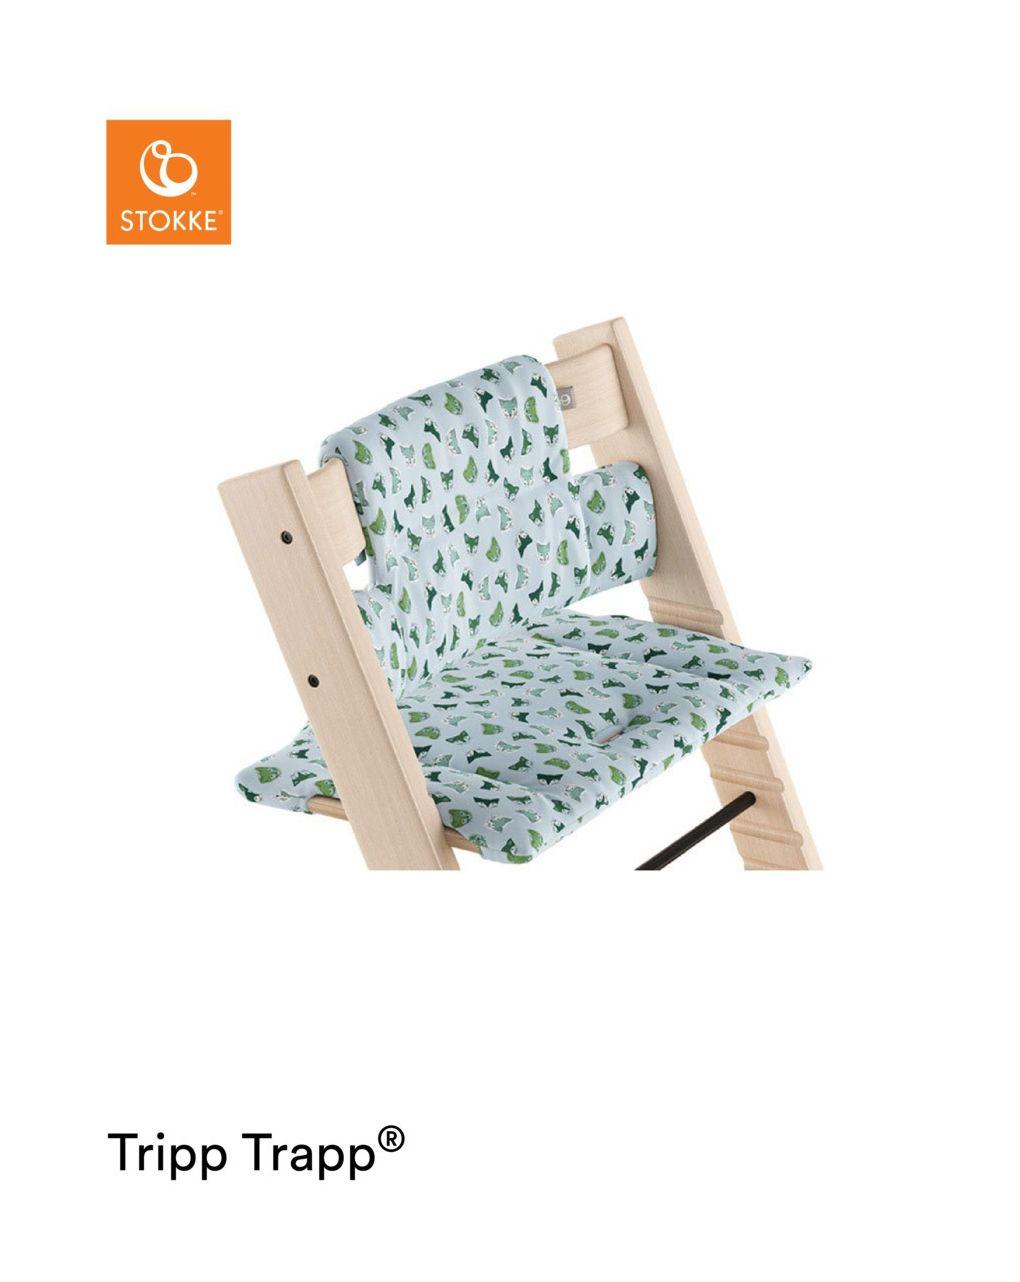 Tripp trapp® cuscino - raposa blu - Stokke